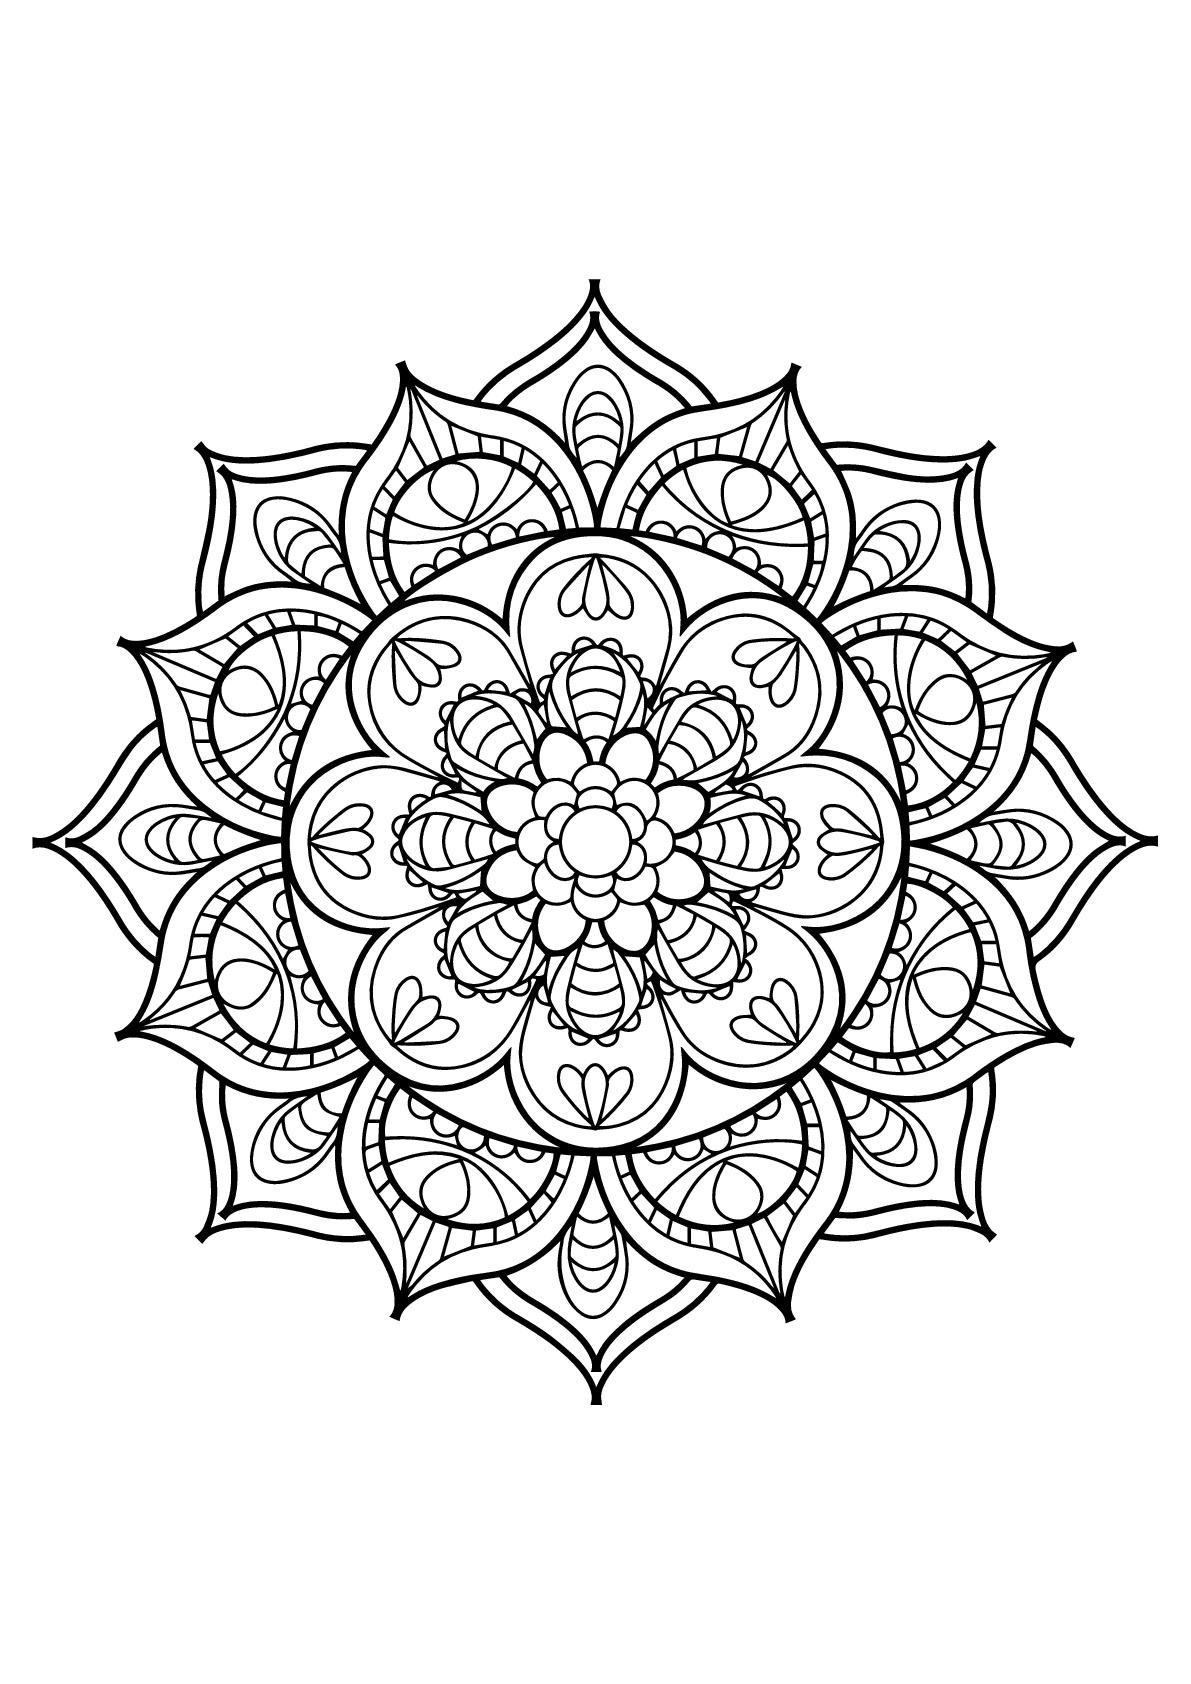 Mandala livre gratuit 11 mandalas coloriages - Coloriage a imprimer mandala gratuit ...